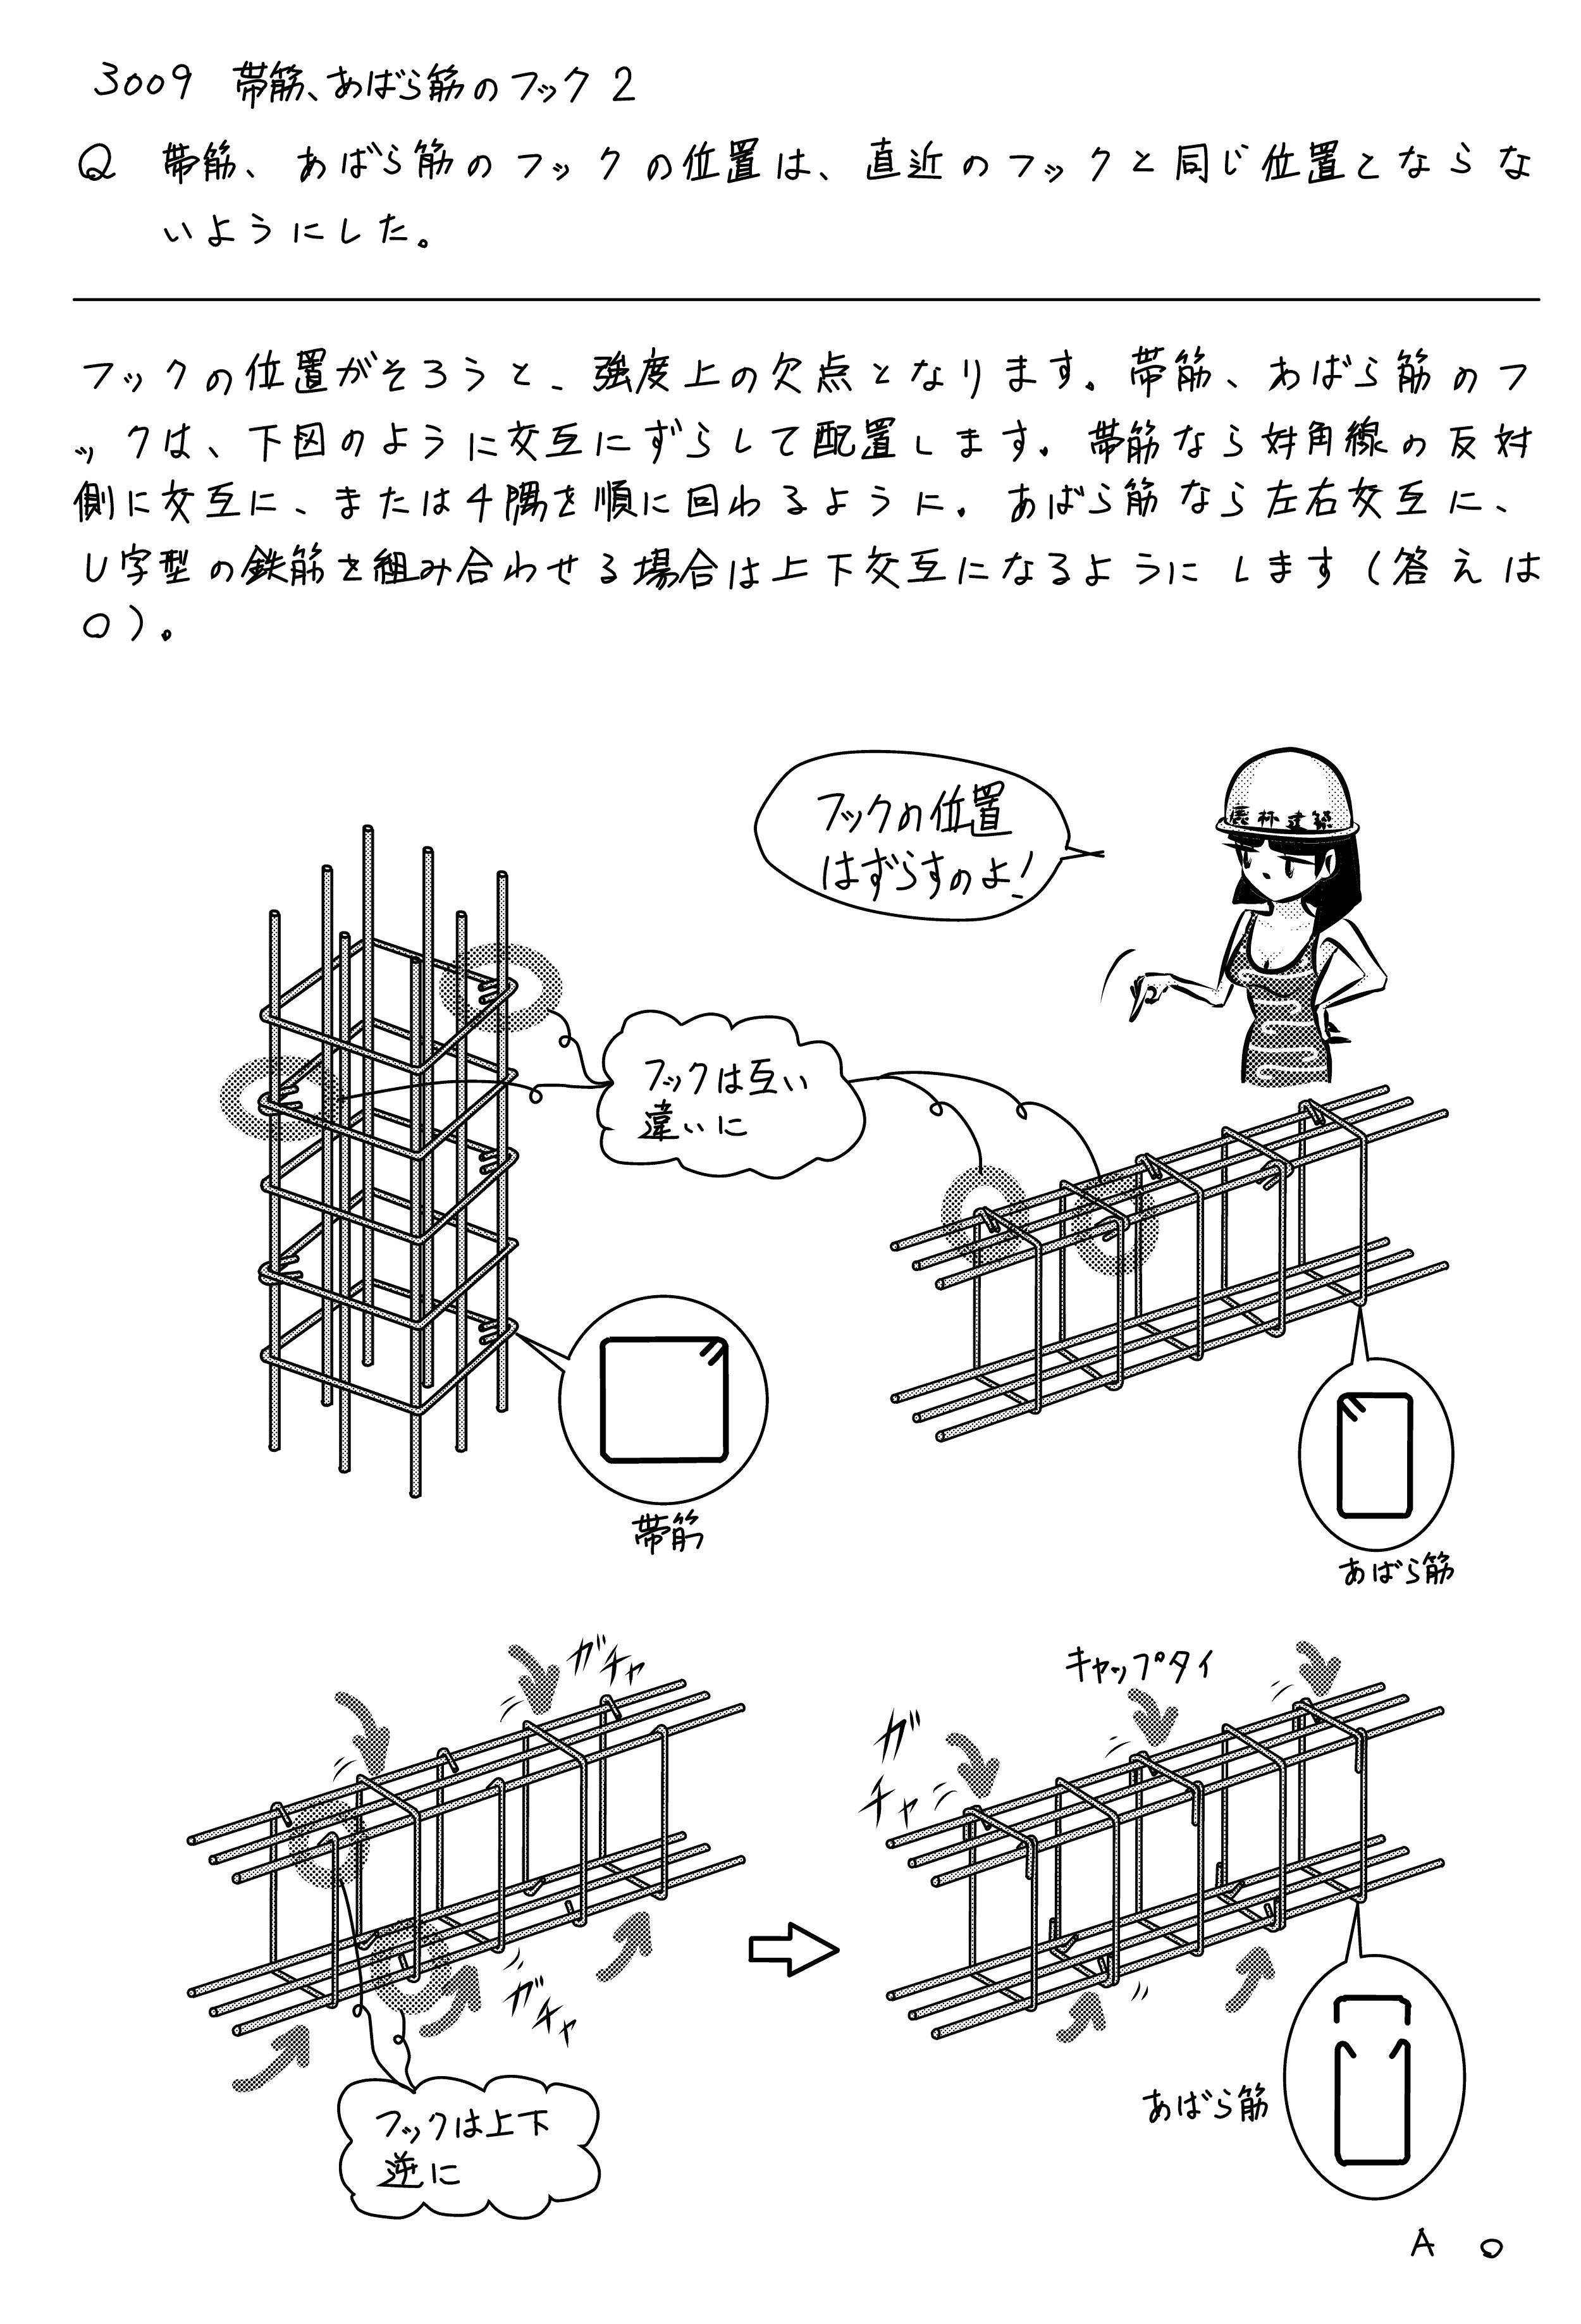 帯筋、あばら筋のフックの位置 | 原口秀昭≒原田ミカオの建築×不動産日記 - 楽天ブログ